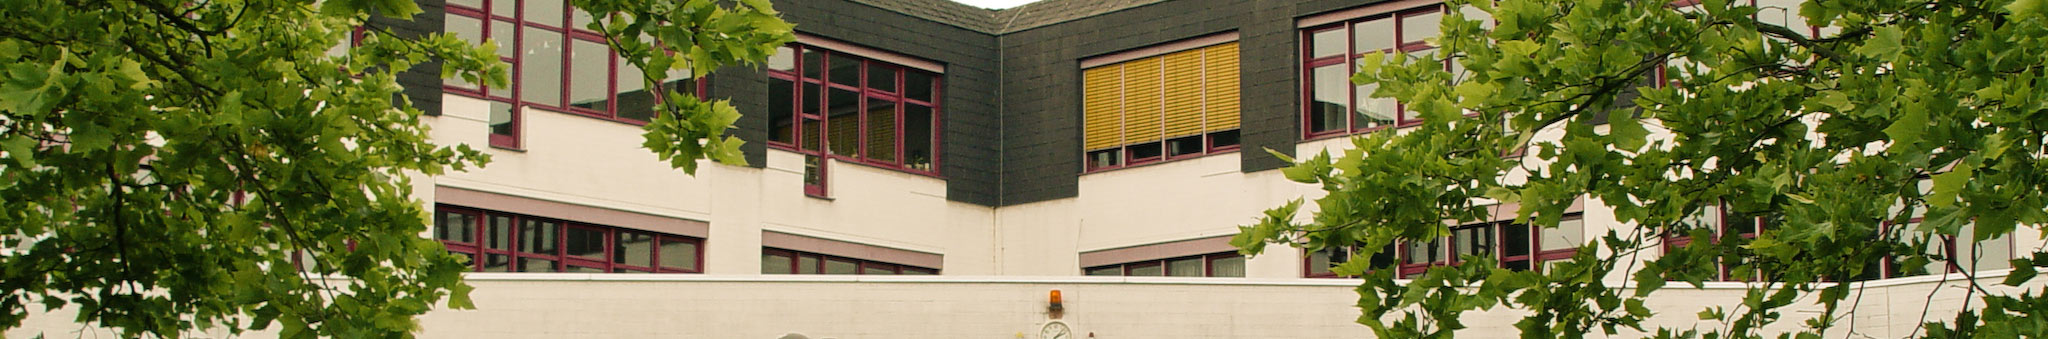 Die Fassade des Neubaus der Johannes-Vatter-Schule